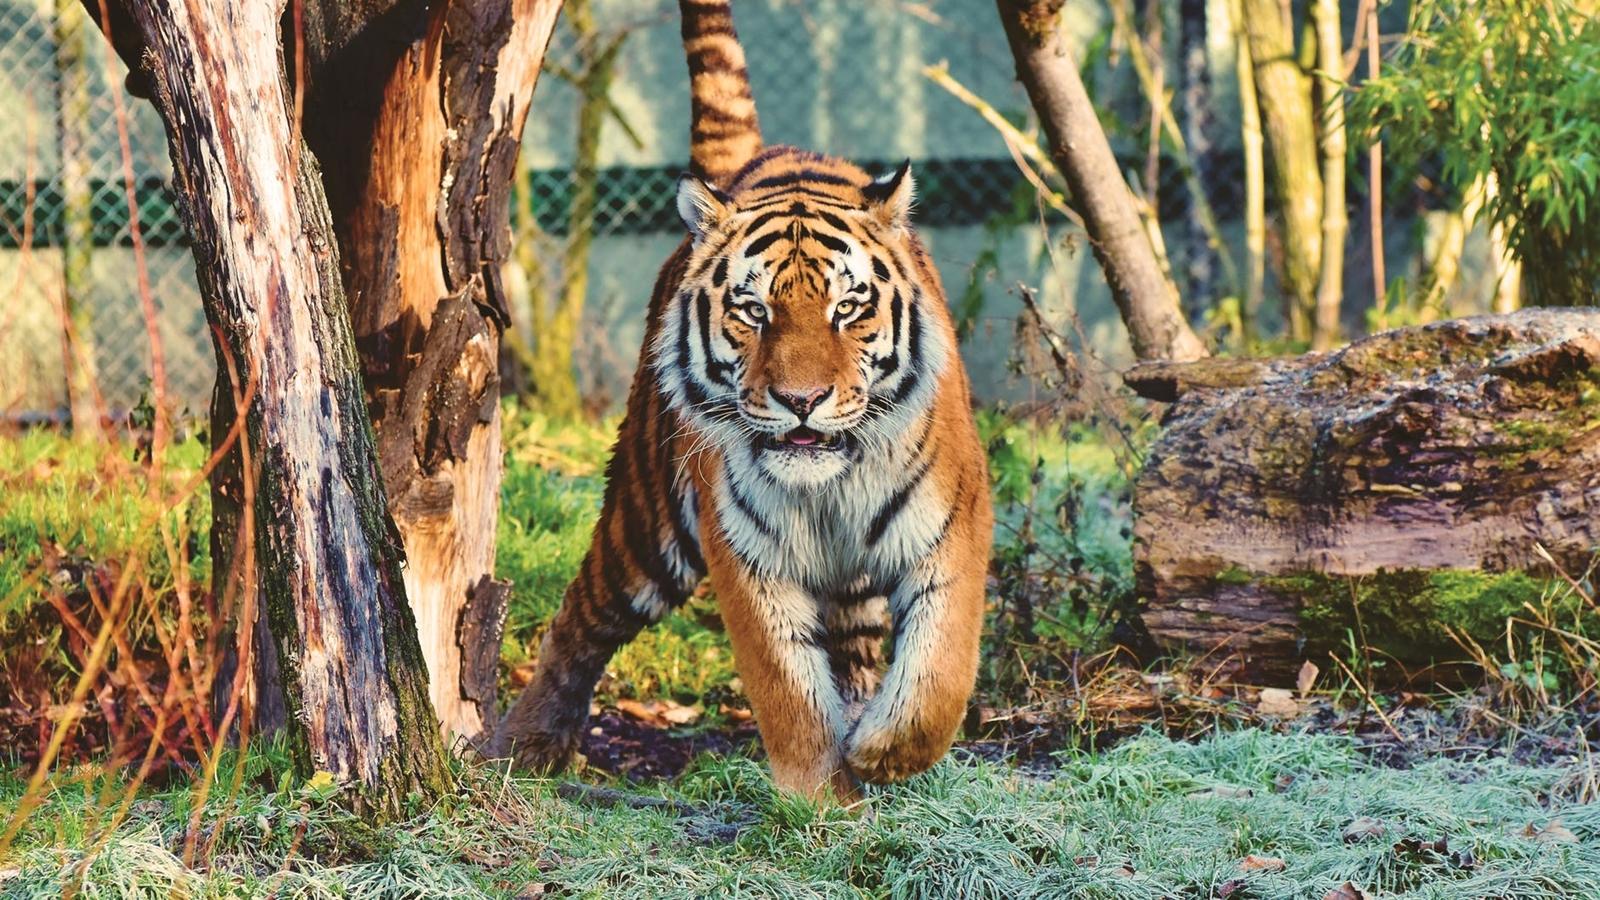 Histórico: la población de tigres de la India aumenta a casi 3,000 ejemplares